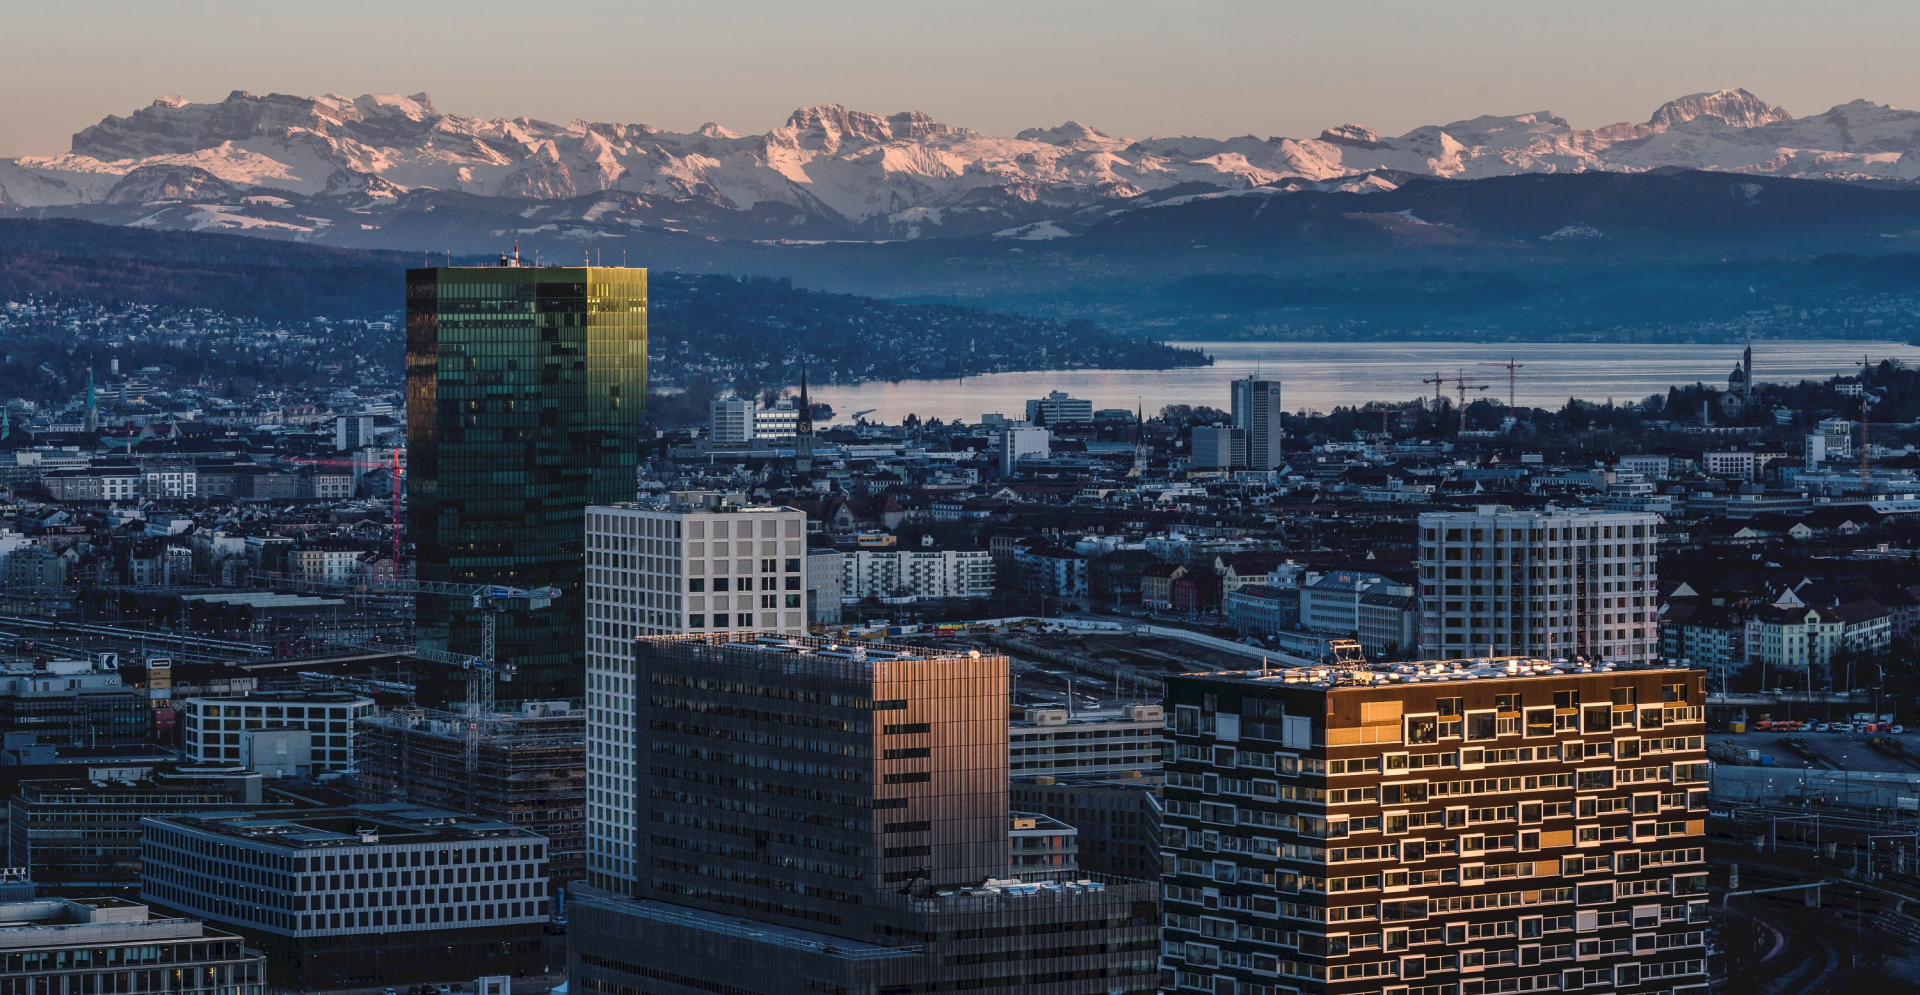 Mobilität in Metropolen: Zürich auf Platz 2 der nachhaltigsten Städte